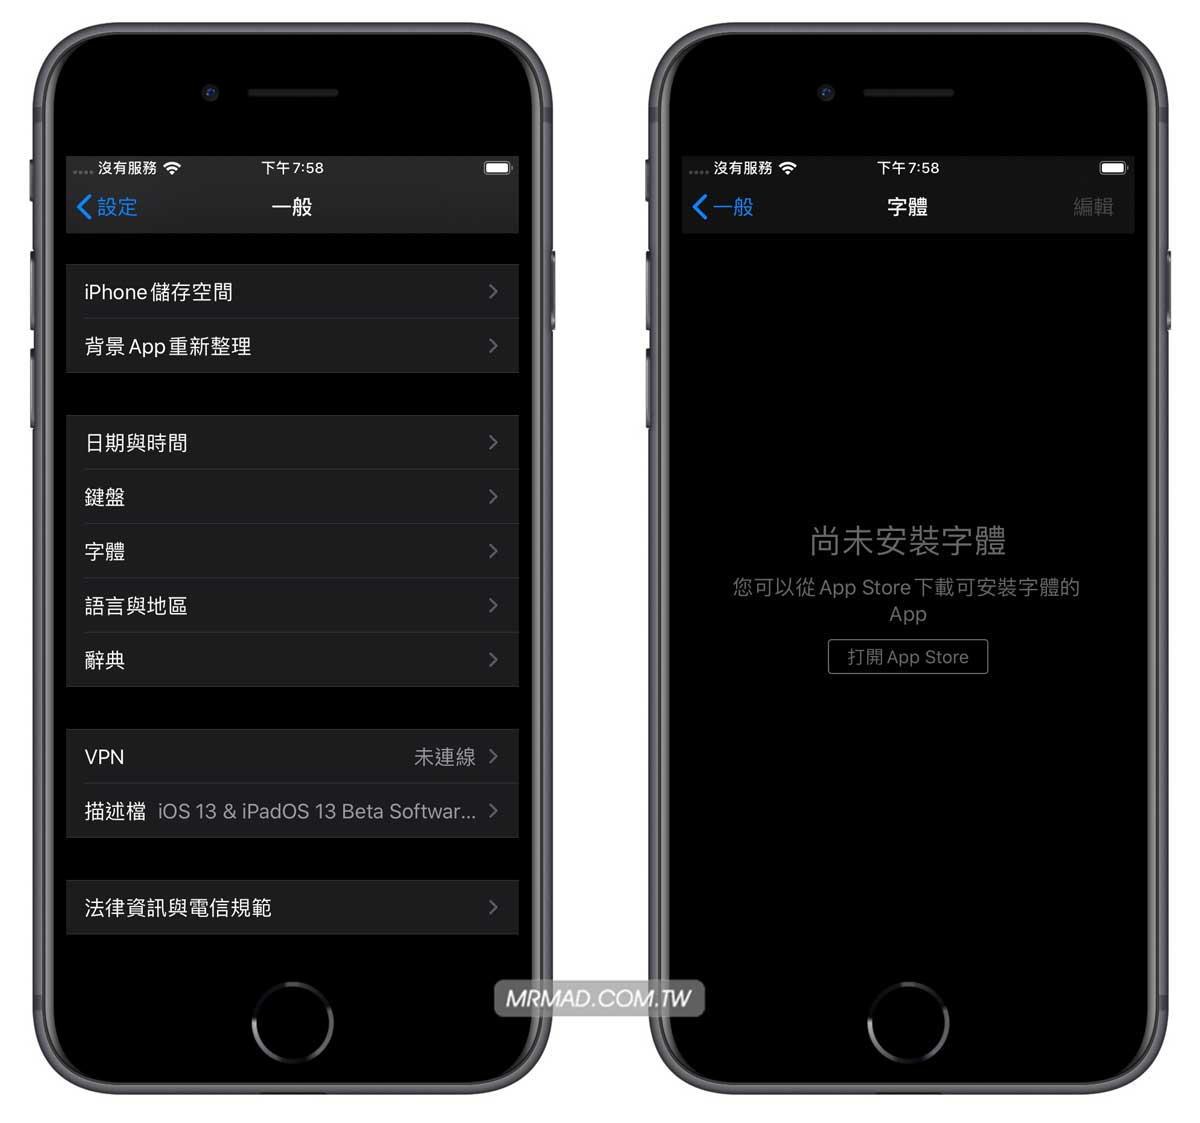 iOS 13 改字體功能並非是你想的那樣,告訴你iOS換字體真正用處